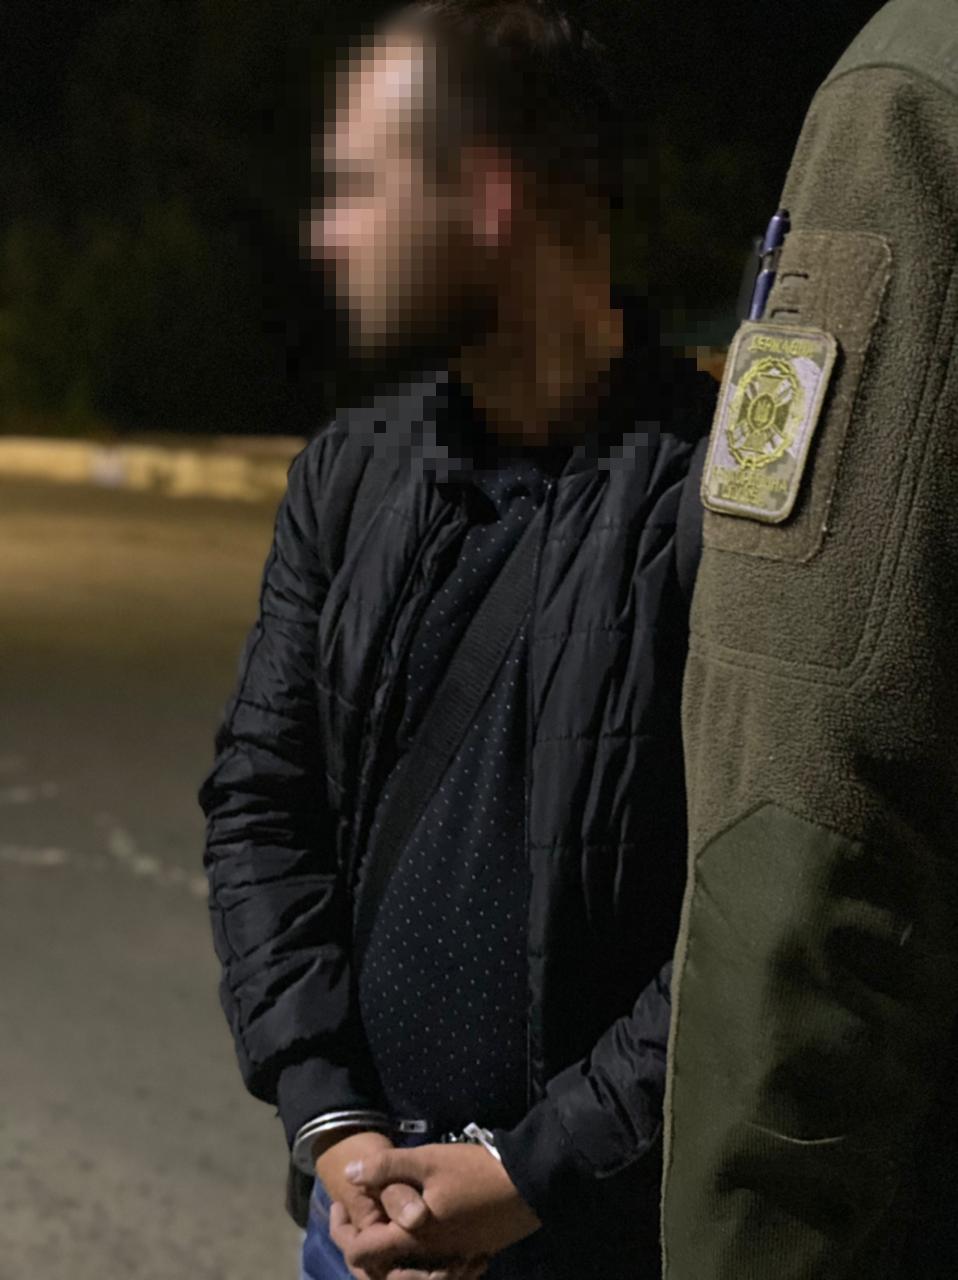 Прикордонники ефективно захищають український кордон від нелегальних мігрантів, тютюнової контрабанди та інших правопорушень.